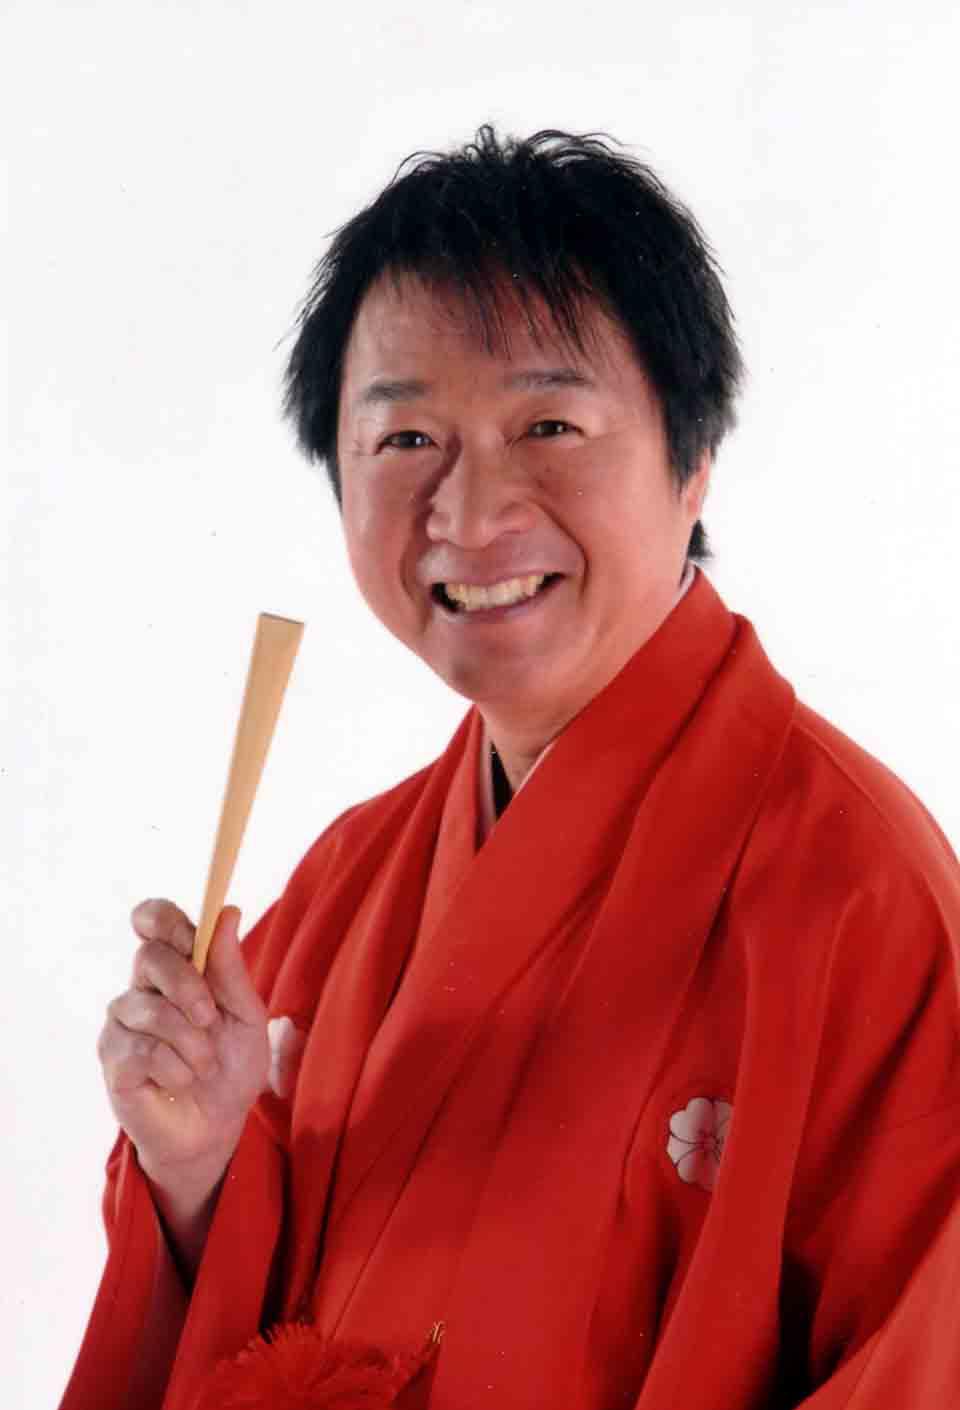 【座布団運びの山田くん】笑点の山田隆夫が副業で大儲け!!のサムネイル画像